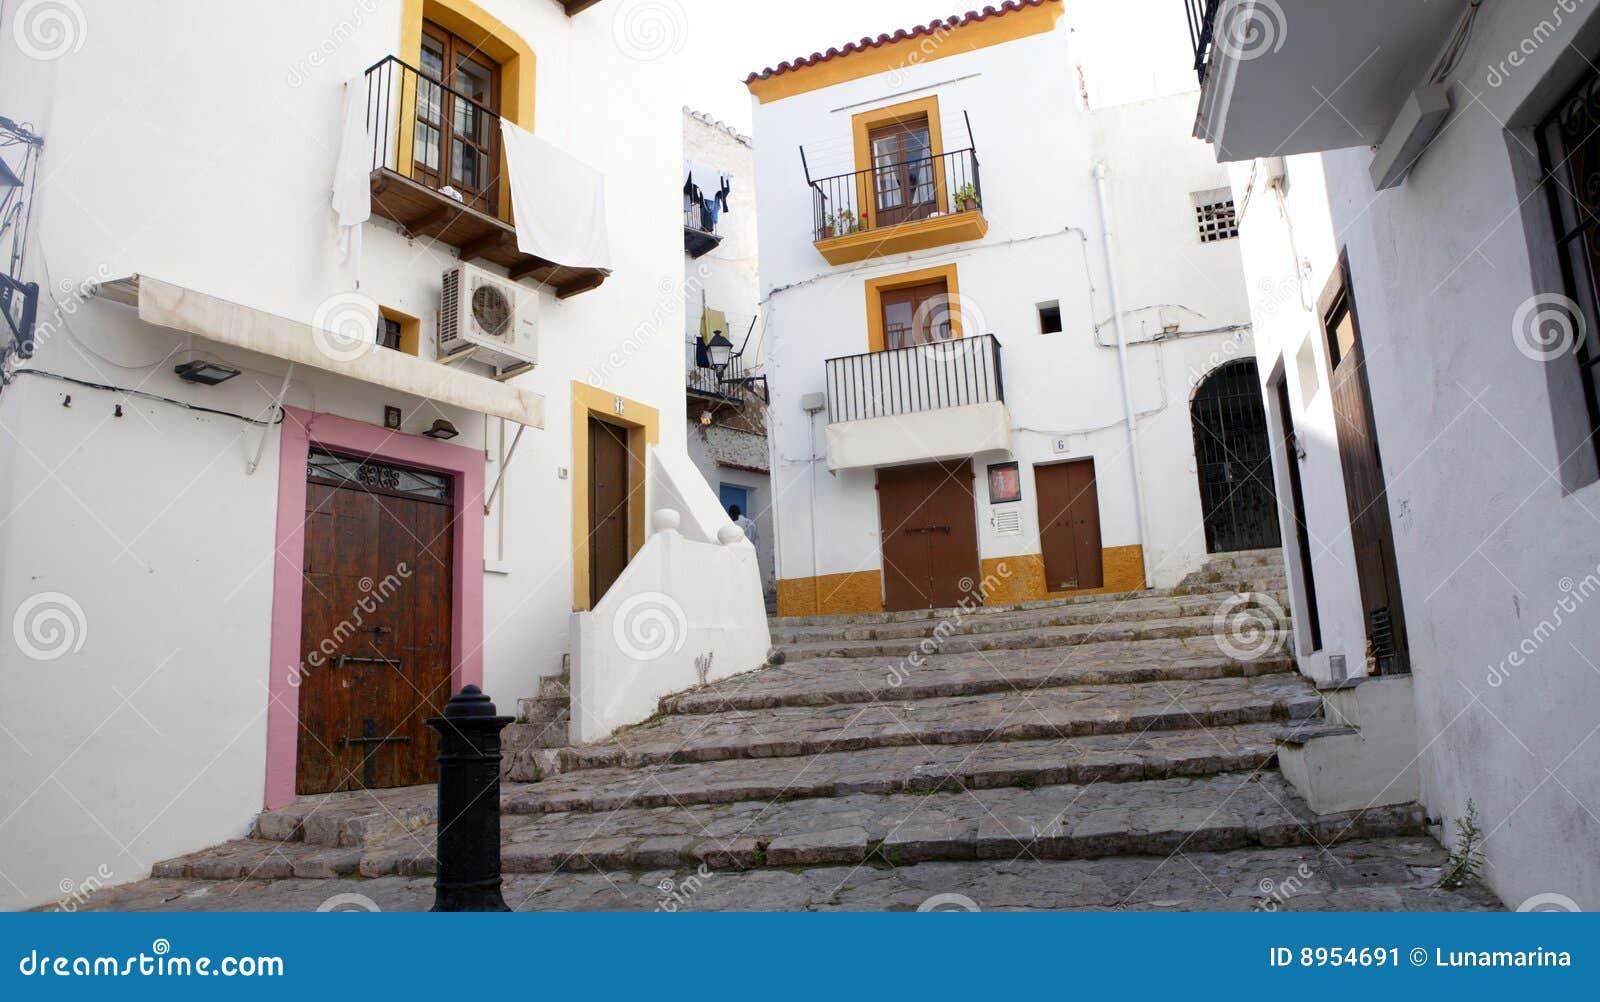 Ibiza da Balearic Island in Spagna